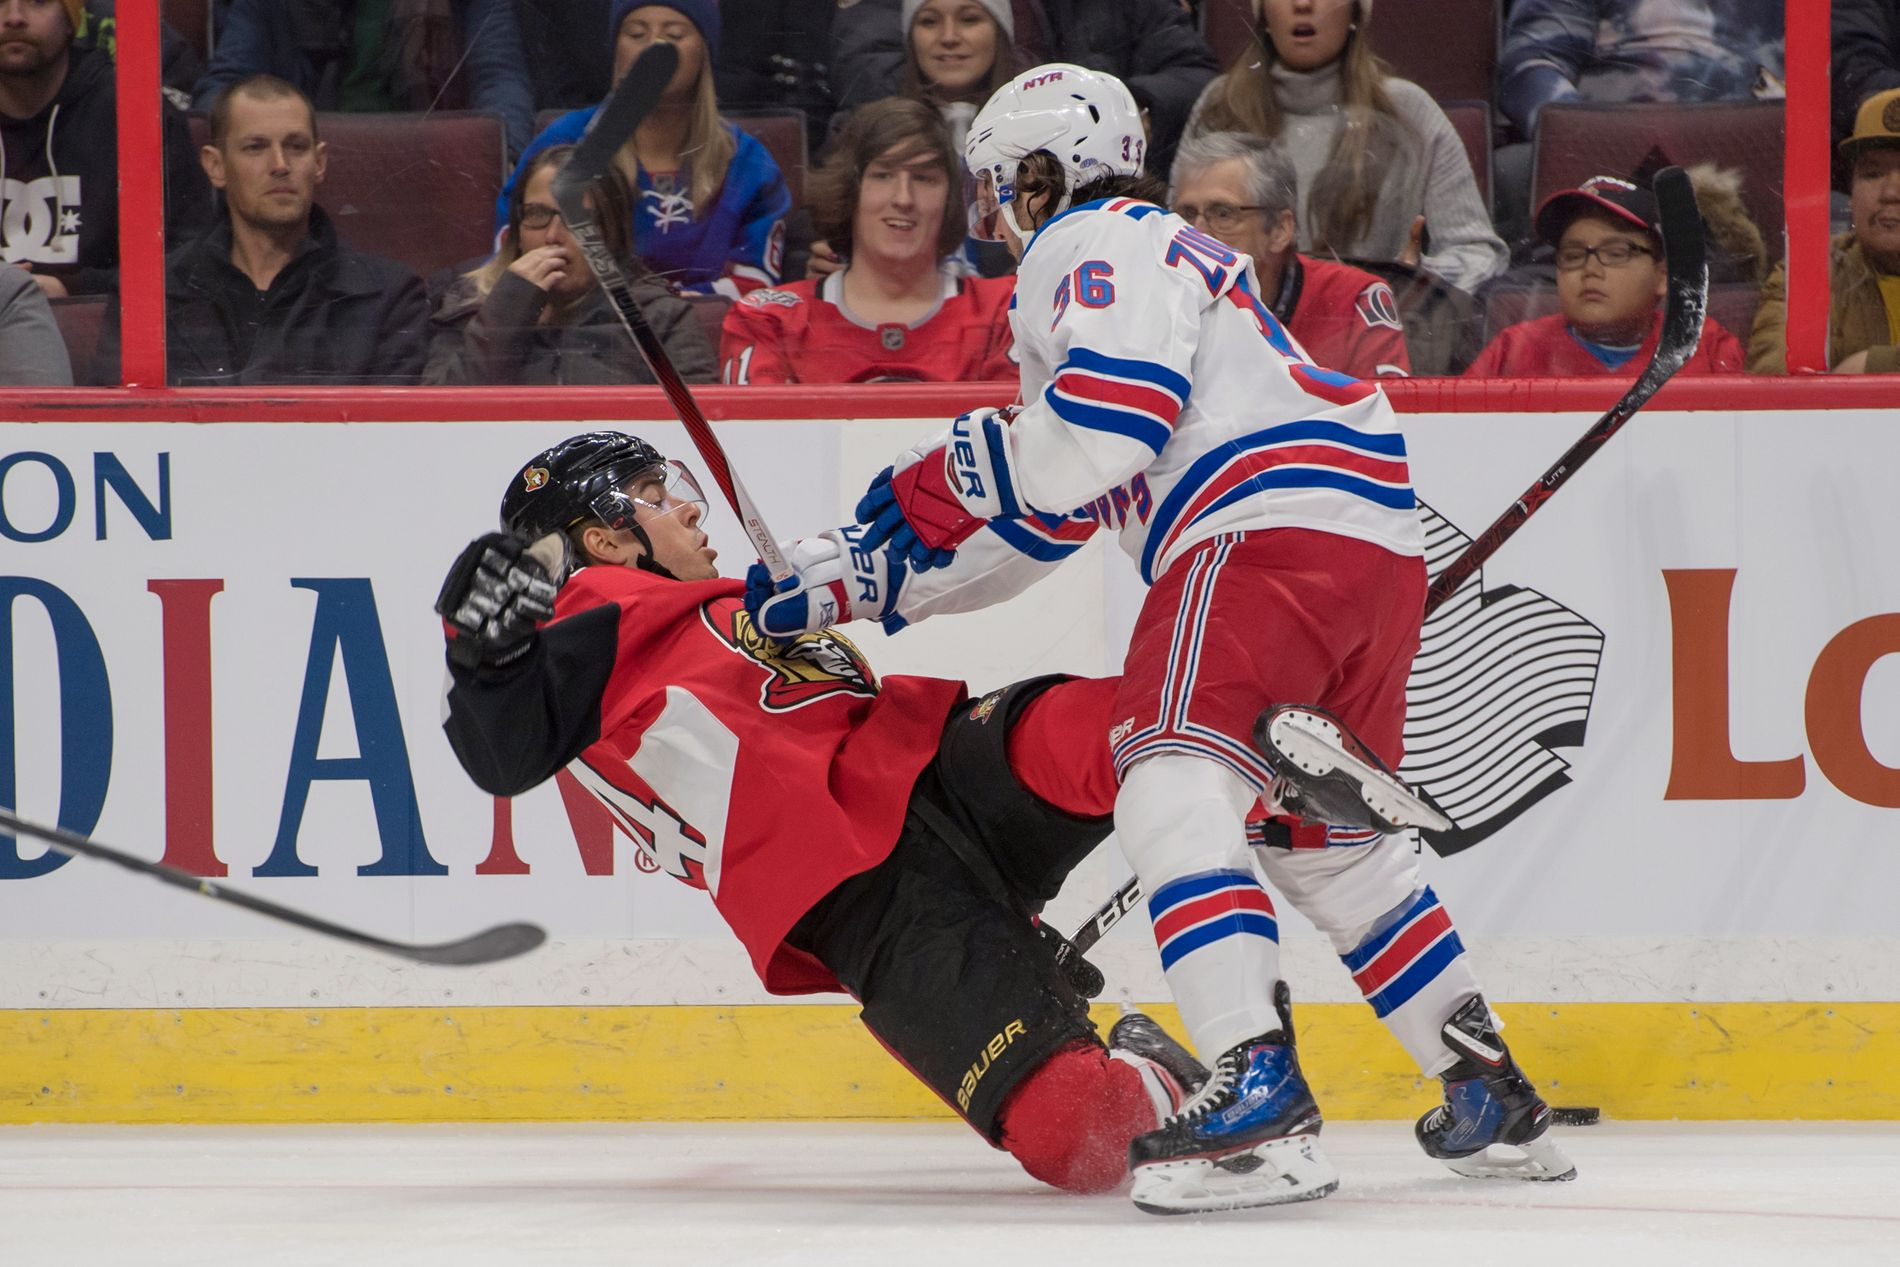 GIKK I ISEN: Ottawa Senators' Jean-Gabriel Pageau klarte ikke å holde seg på beina da han ble dyttet av Mats Zuccarello i første periode.